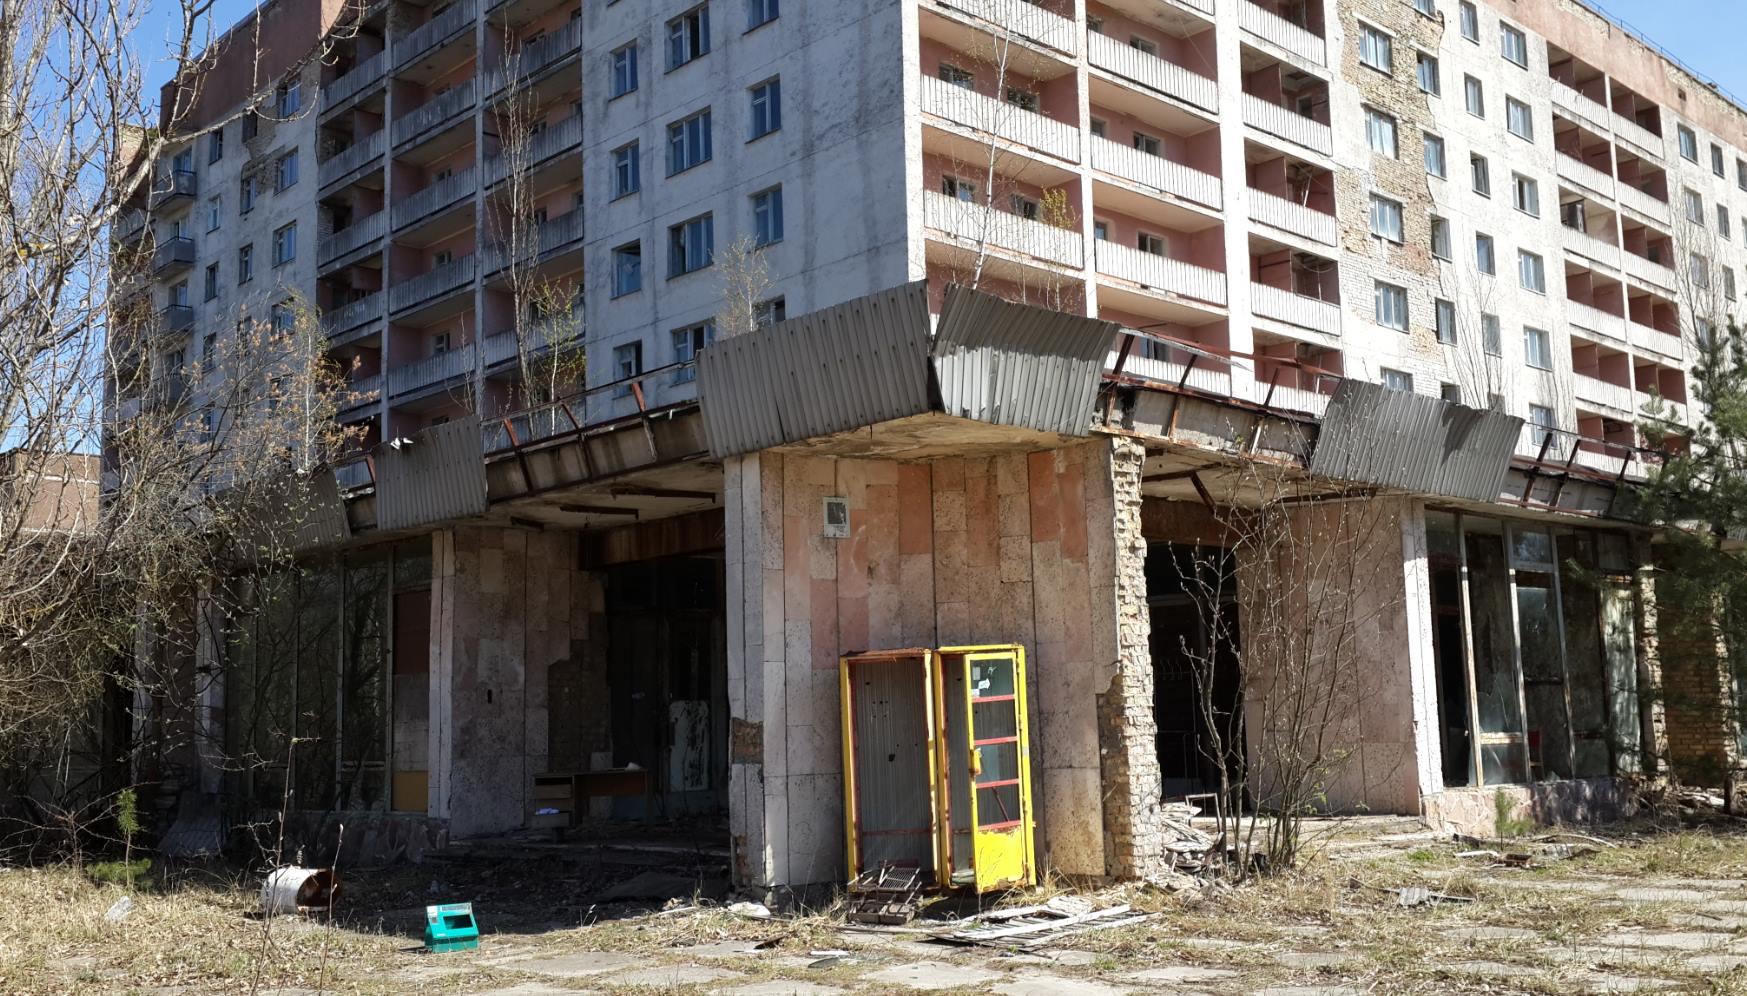 Заброшенный город внутри зоны. Фото: facebook.com/chernobyl360VR